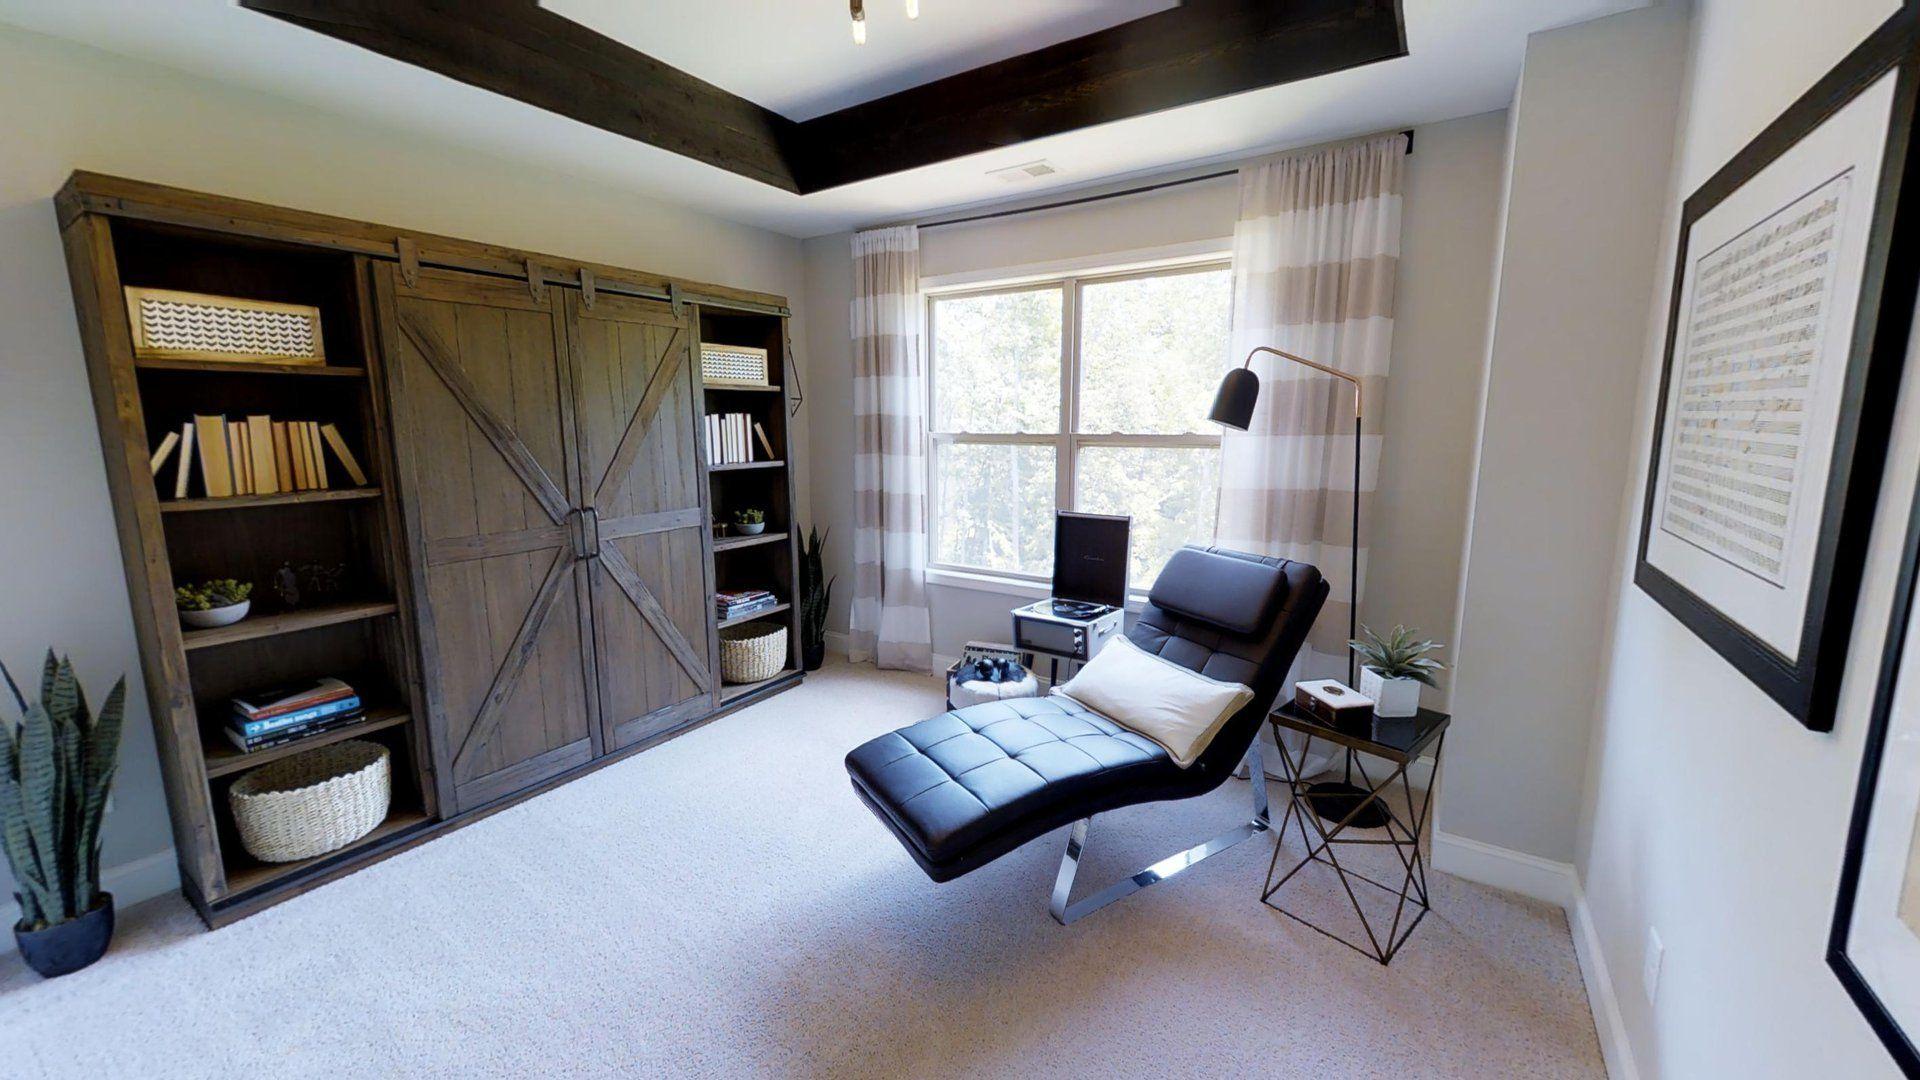 The Stockton Home fice Inviting Interiors by Design